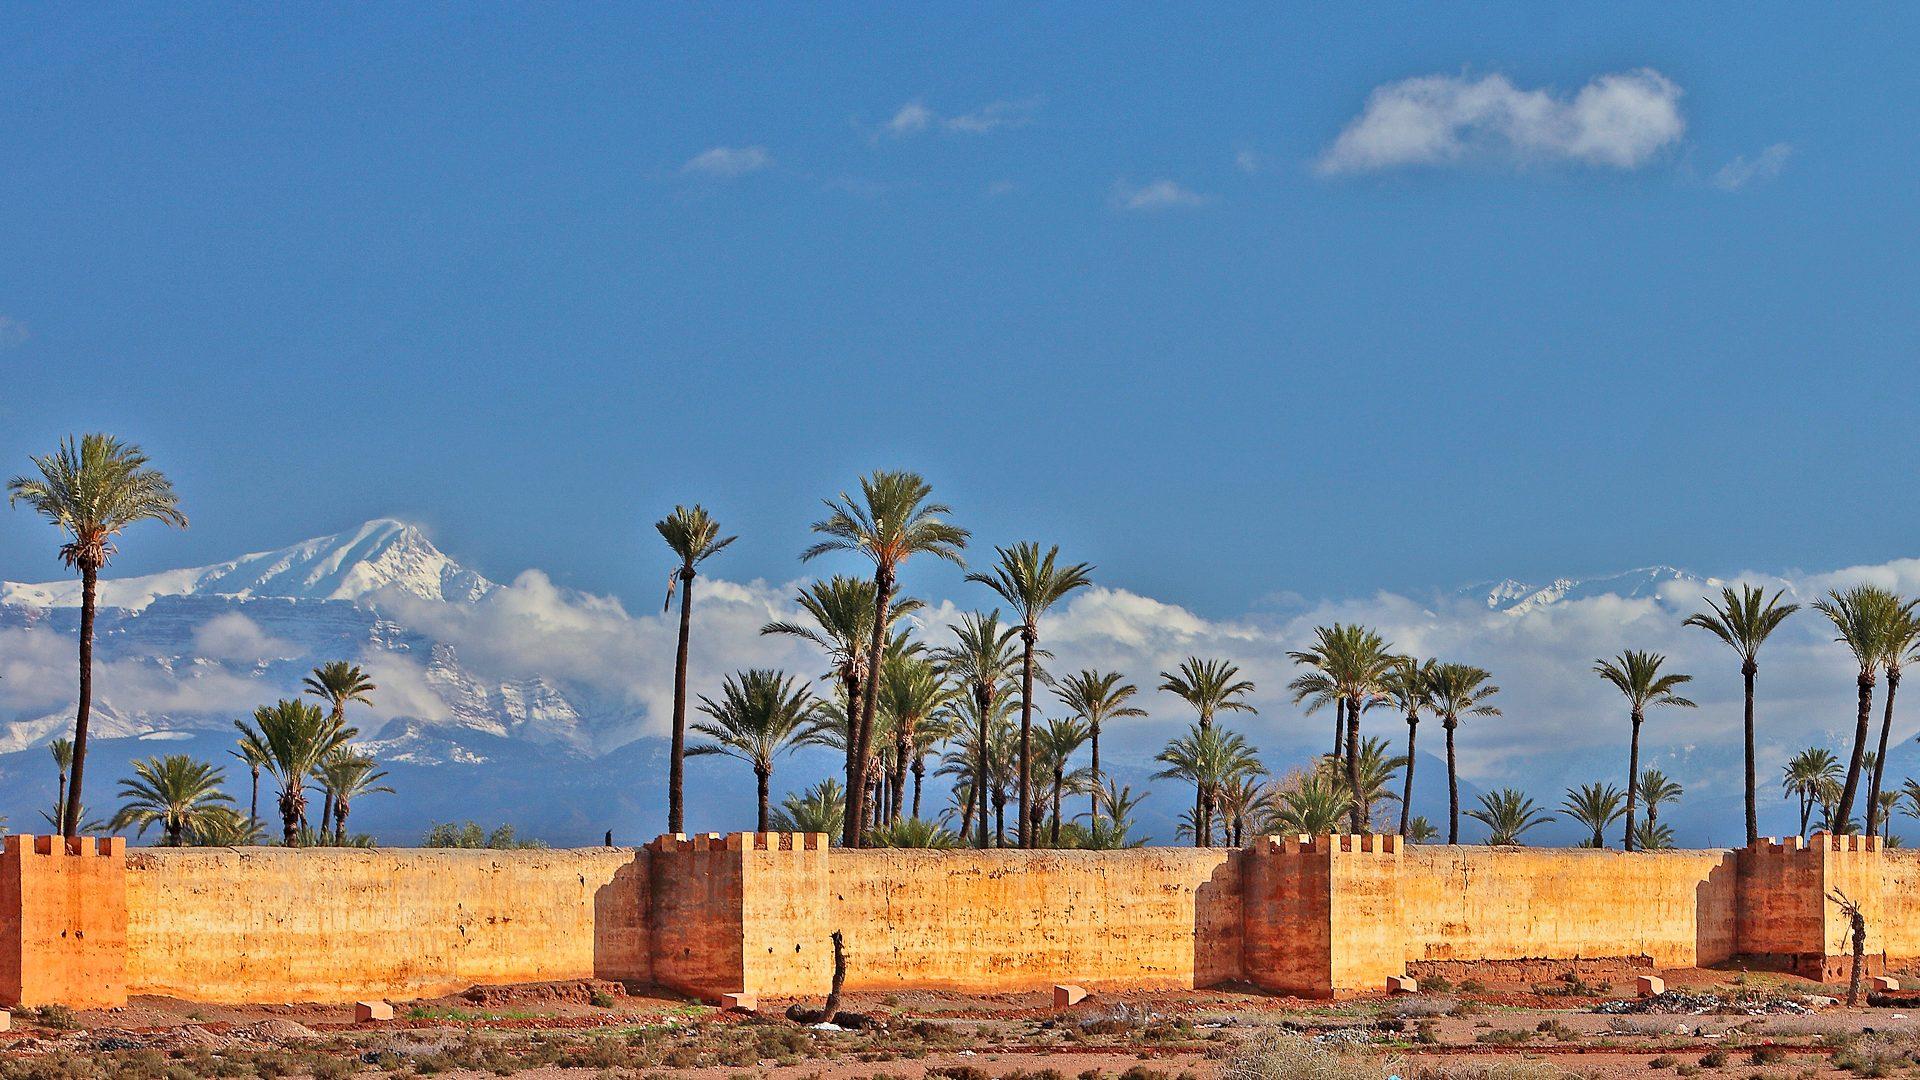 les remparts de marrakech sur un fond de ciel bleu avec des palmiers et les montagnes du haut atlas enneiges